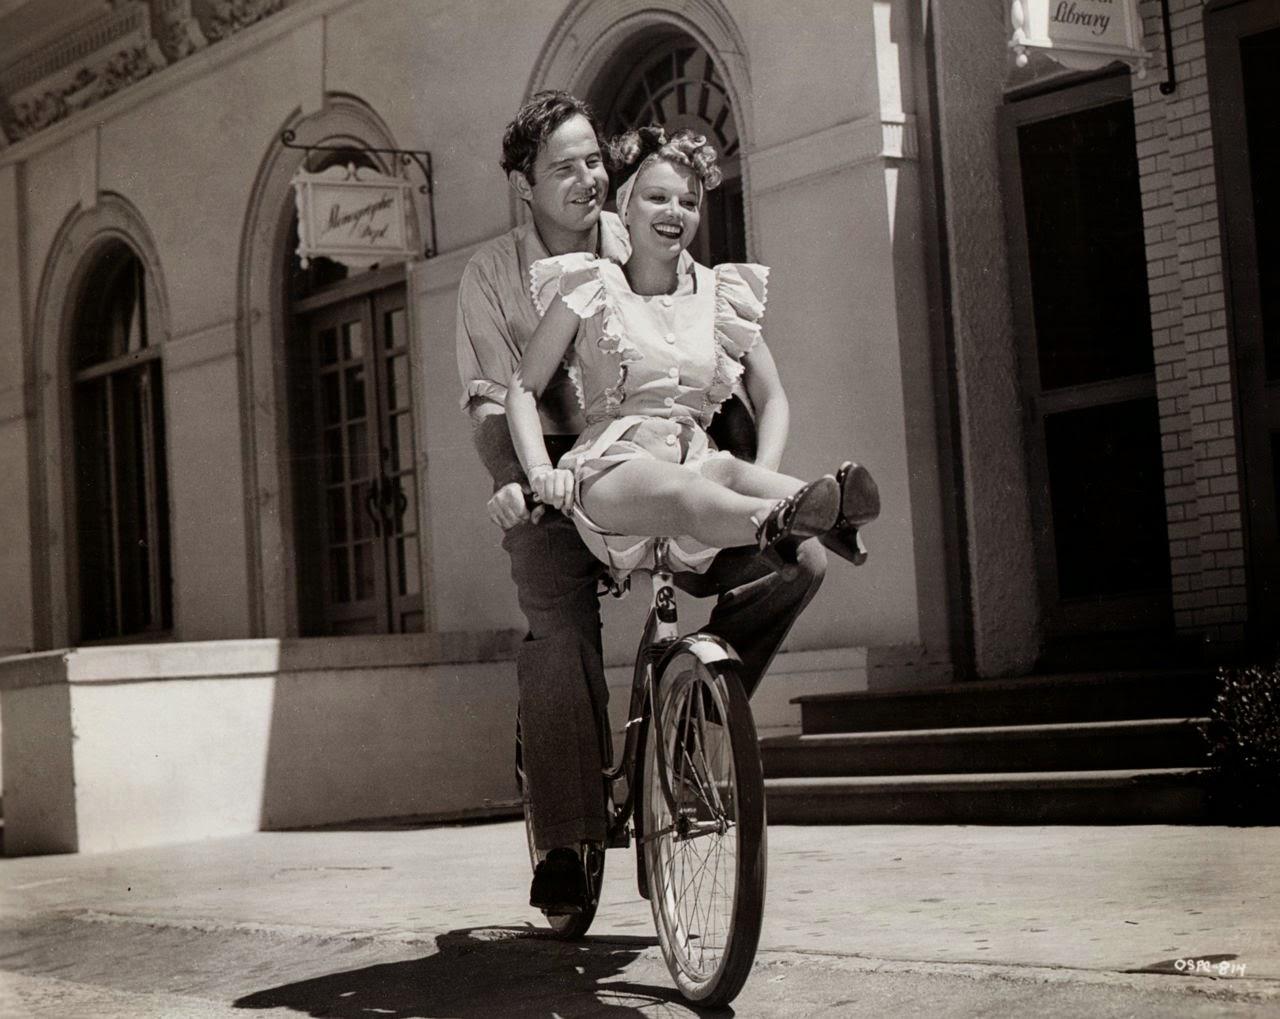 Broderick Crawford and Jane Frazee ride a bike, 1942